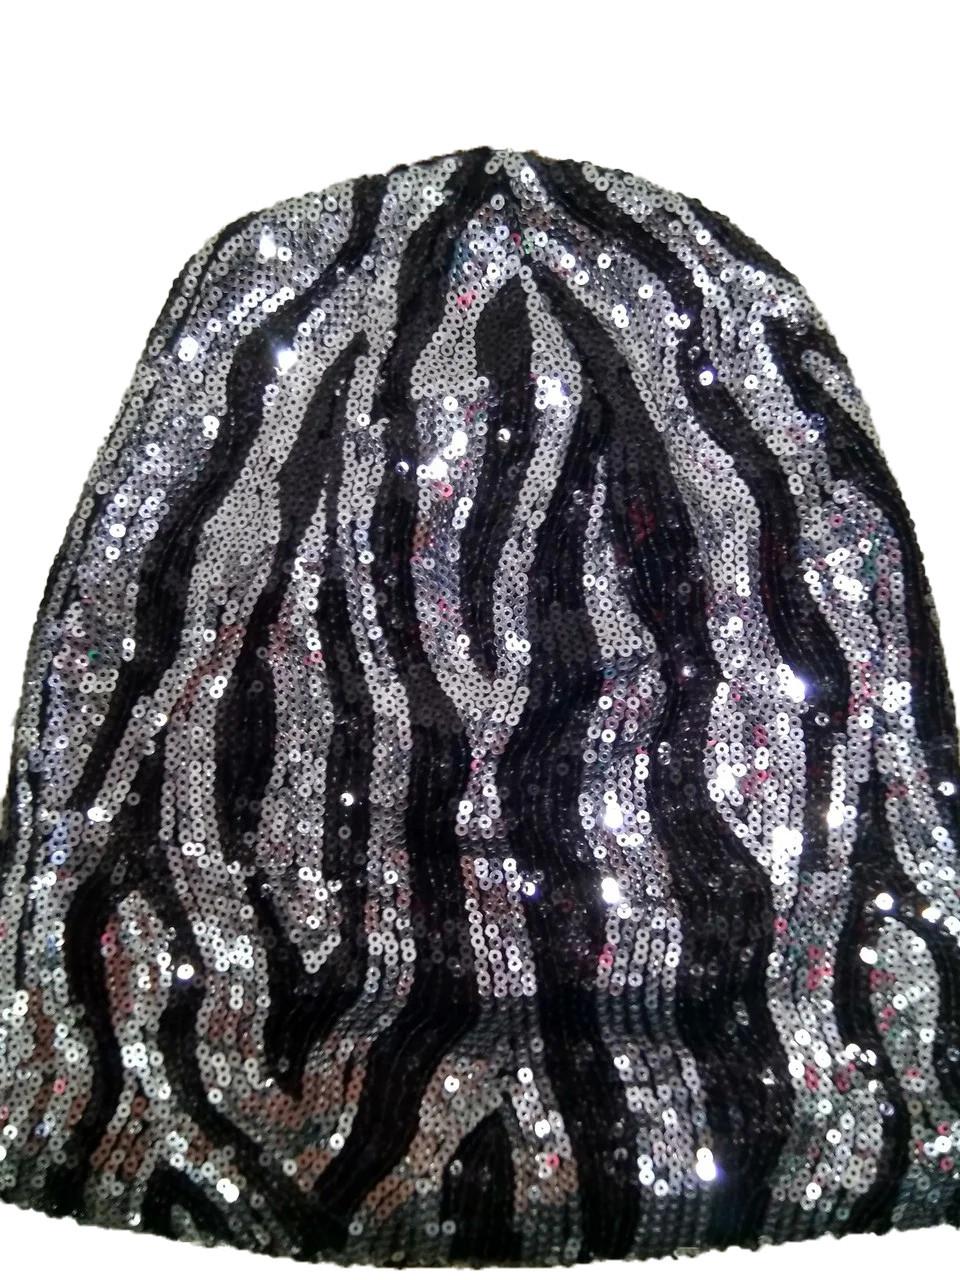 Тонкая шапка Пайетки  8276 серебро